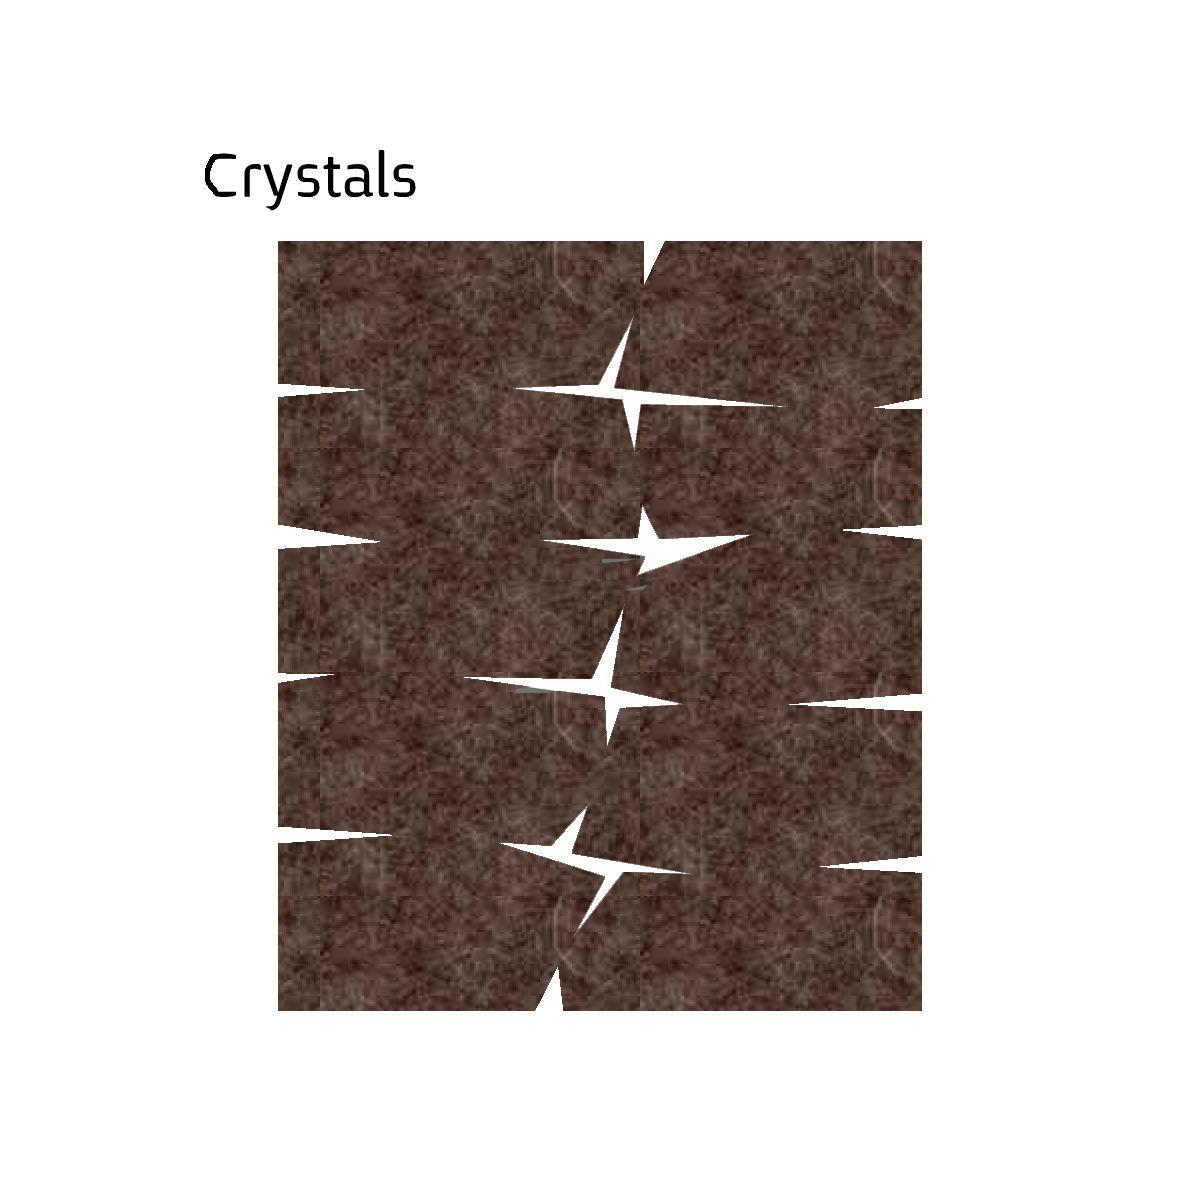 שטיח לבד בגון חום Crystals